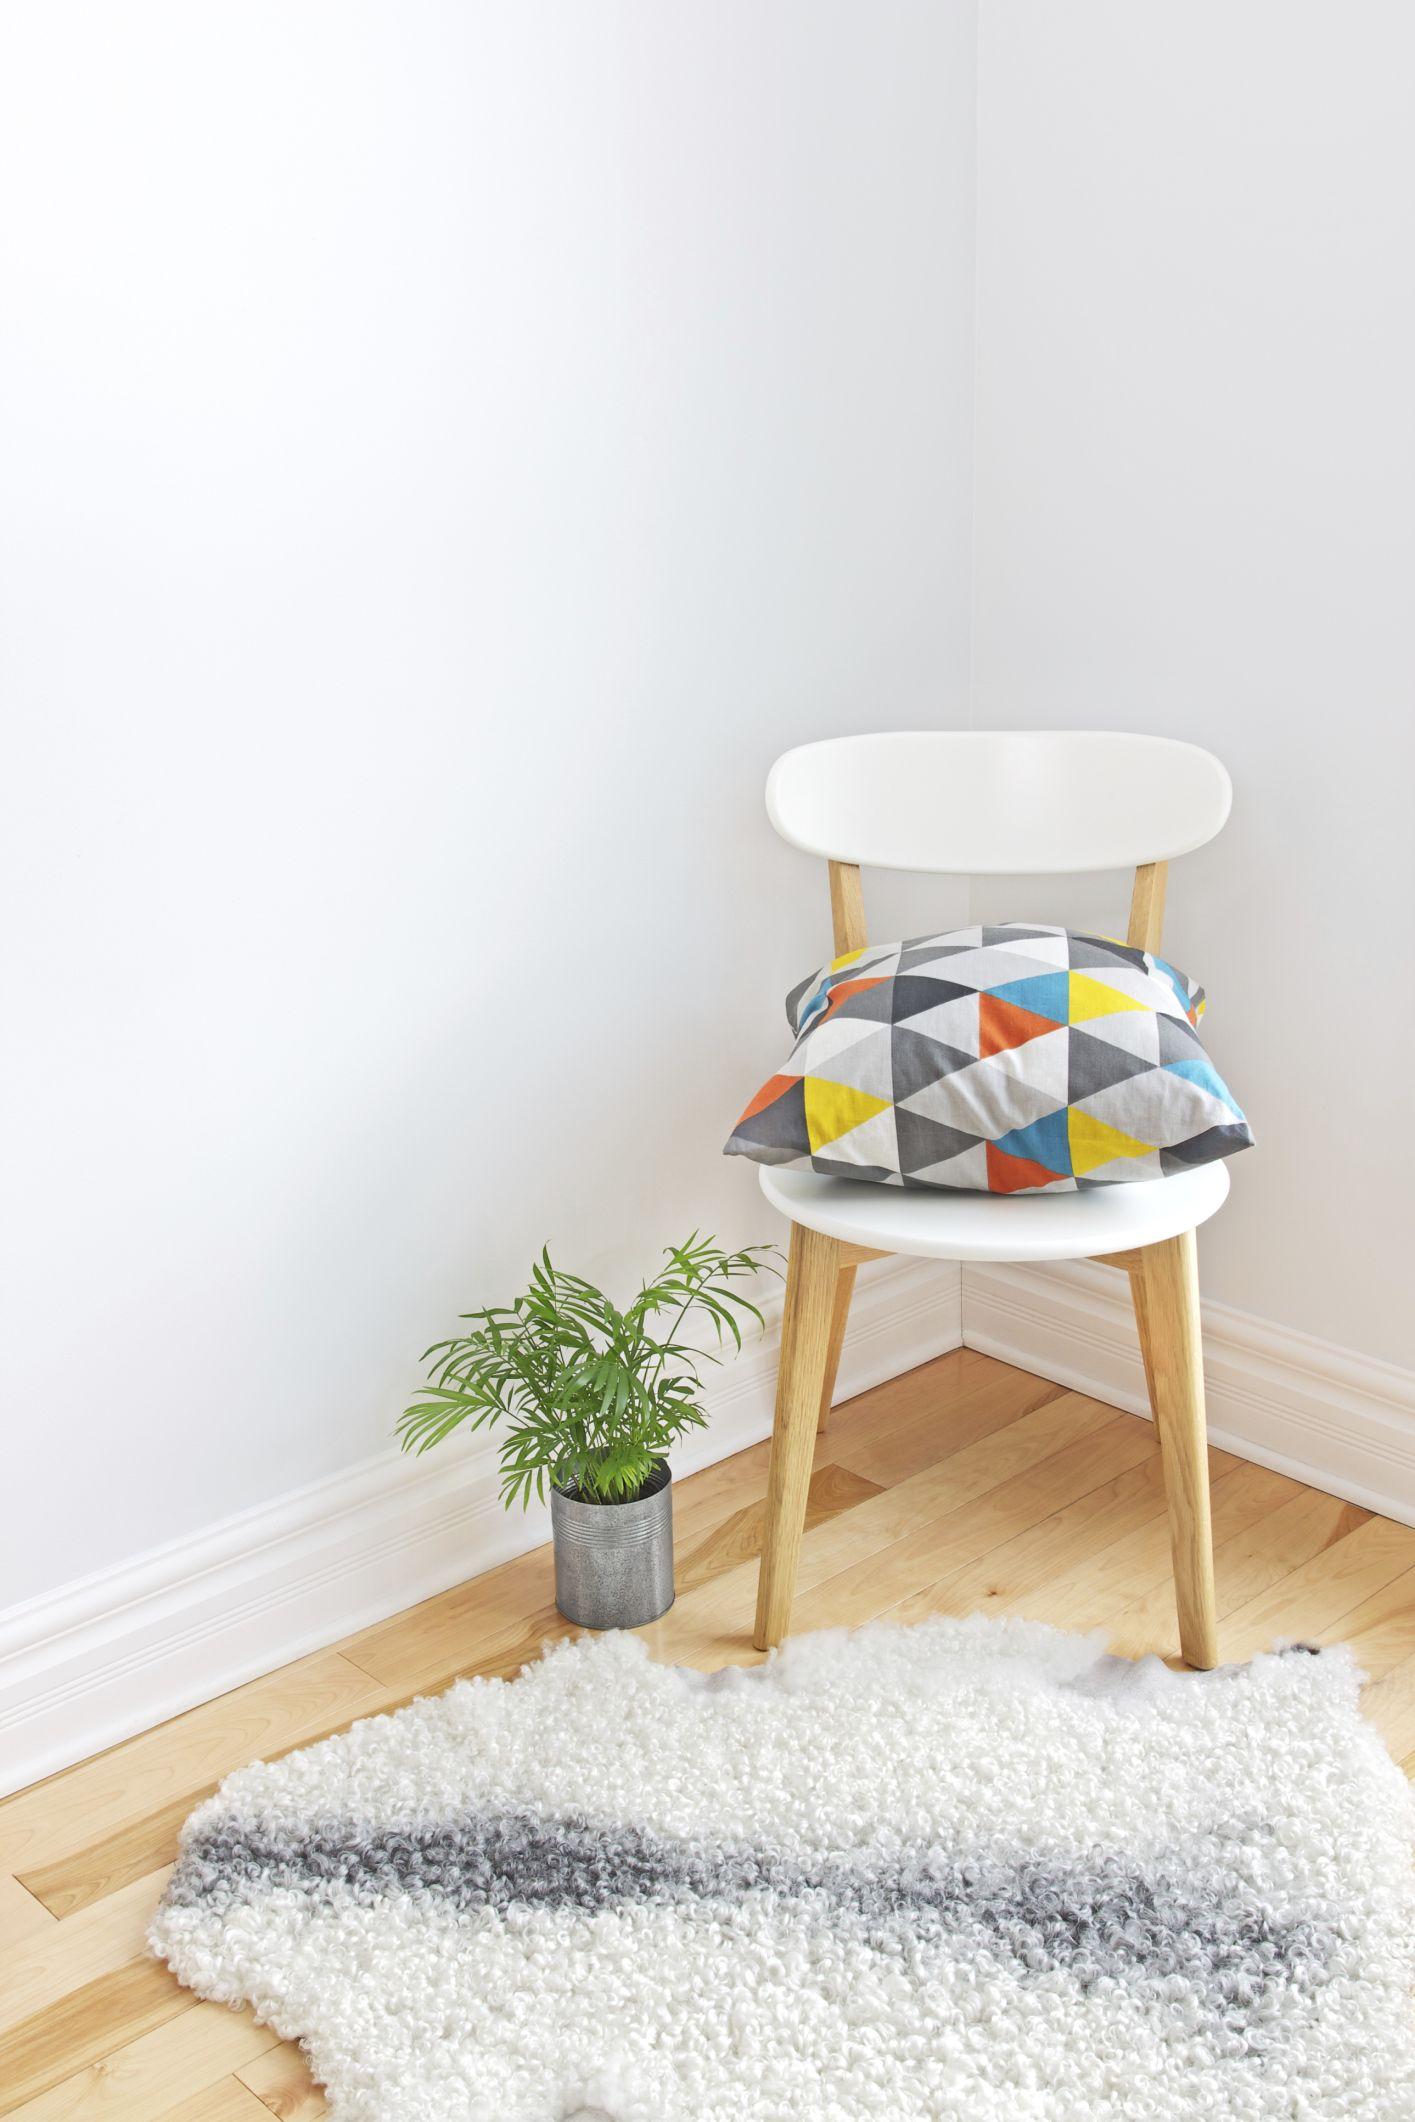 Réutiliser une chaise comme table de chevet